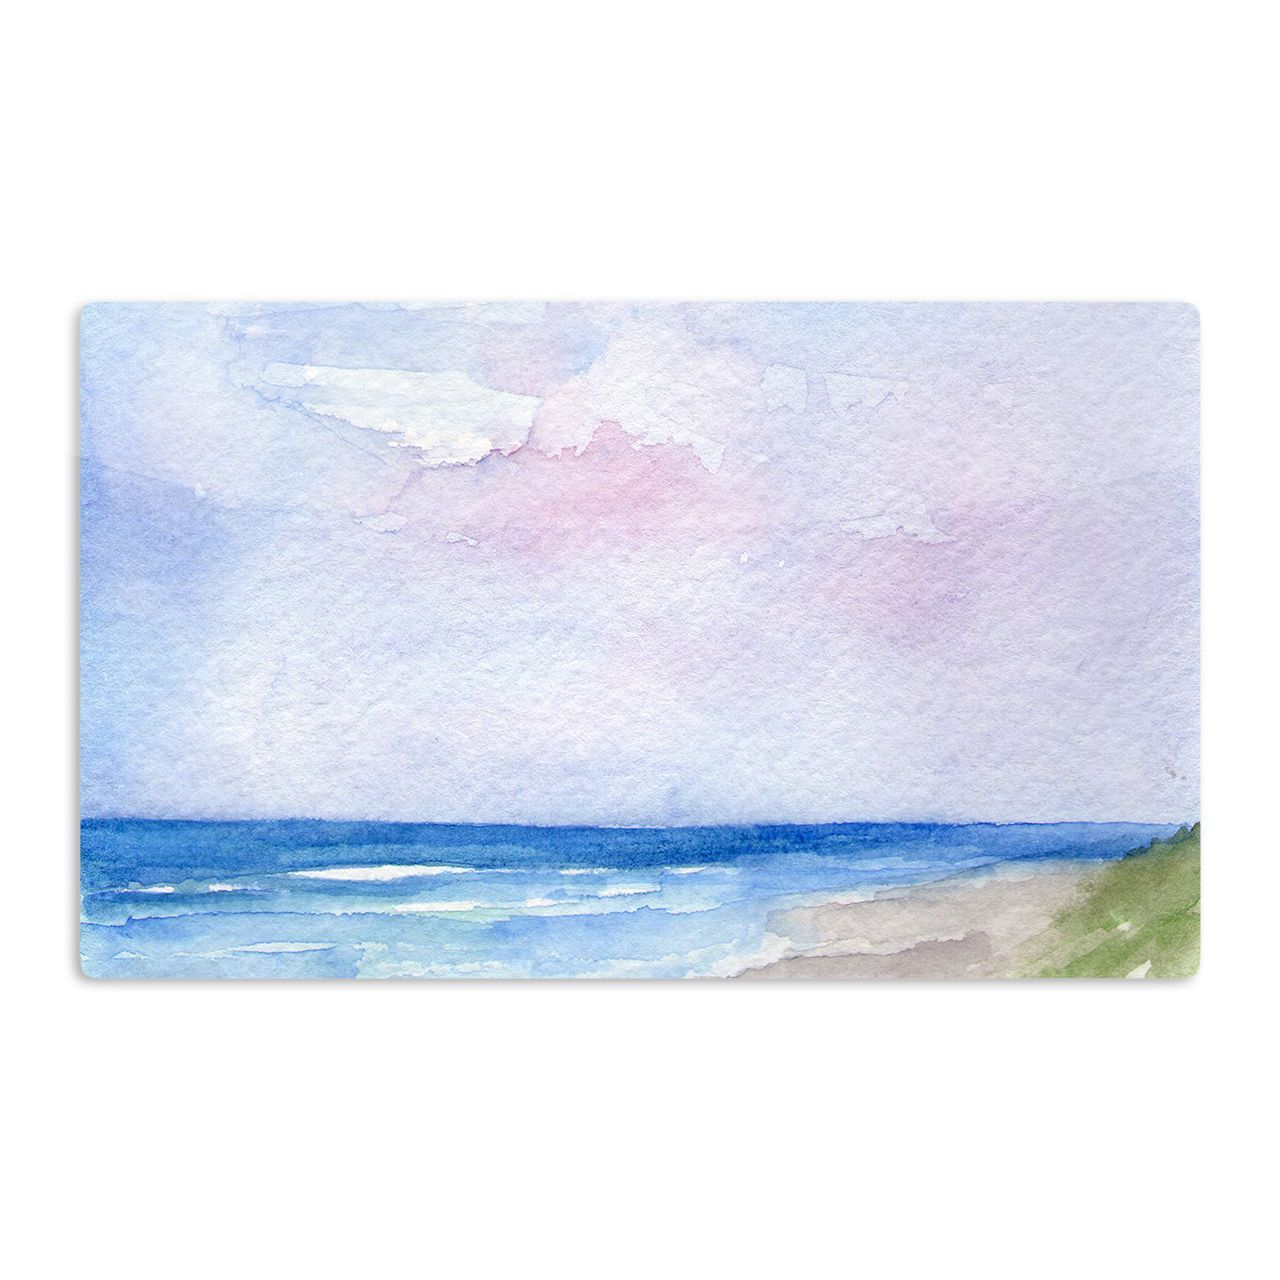 Kess InHouse Rosie Brown 'Wet Sand' Beach View Artistic Magnet